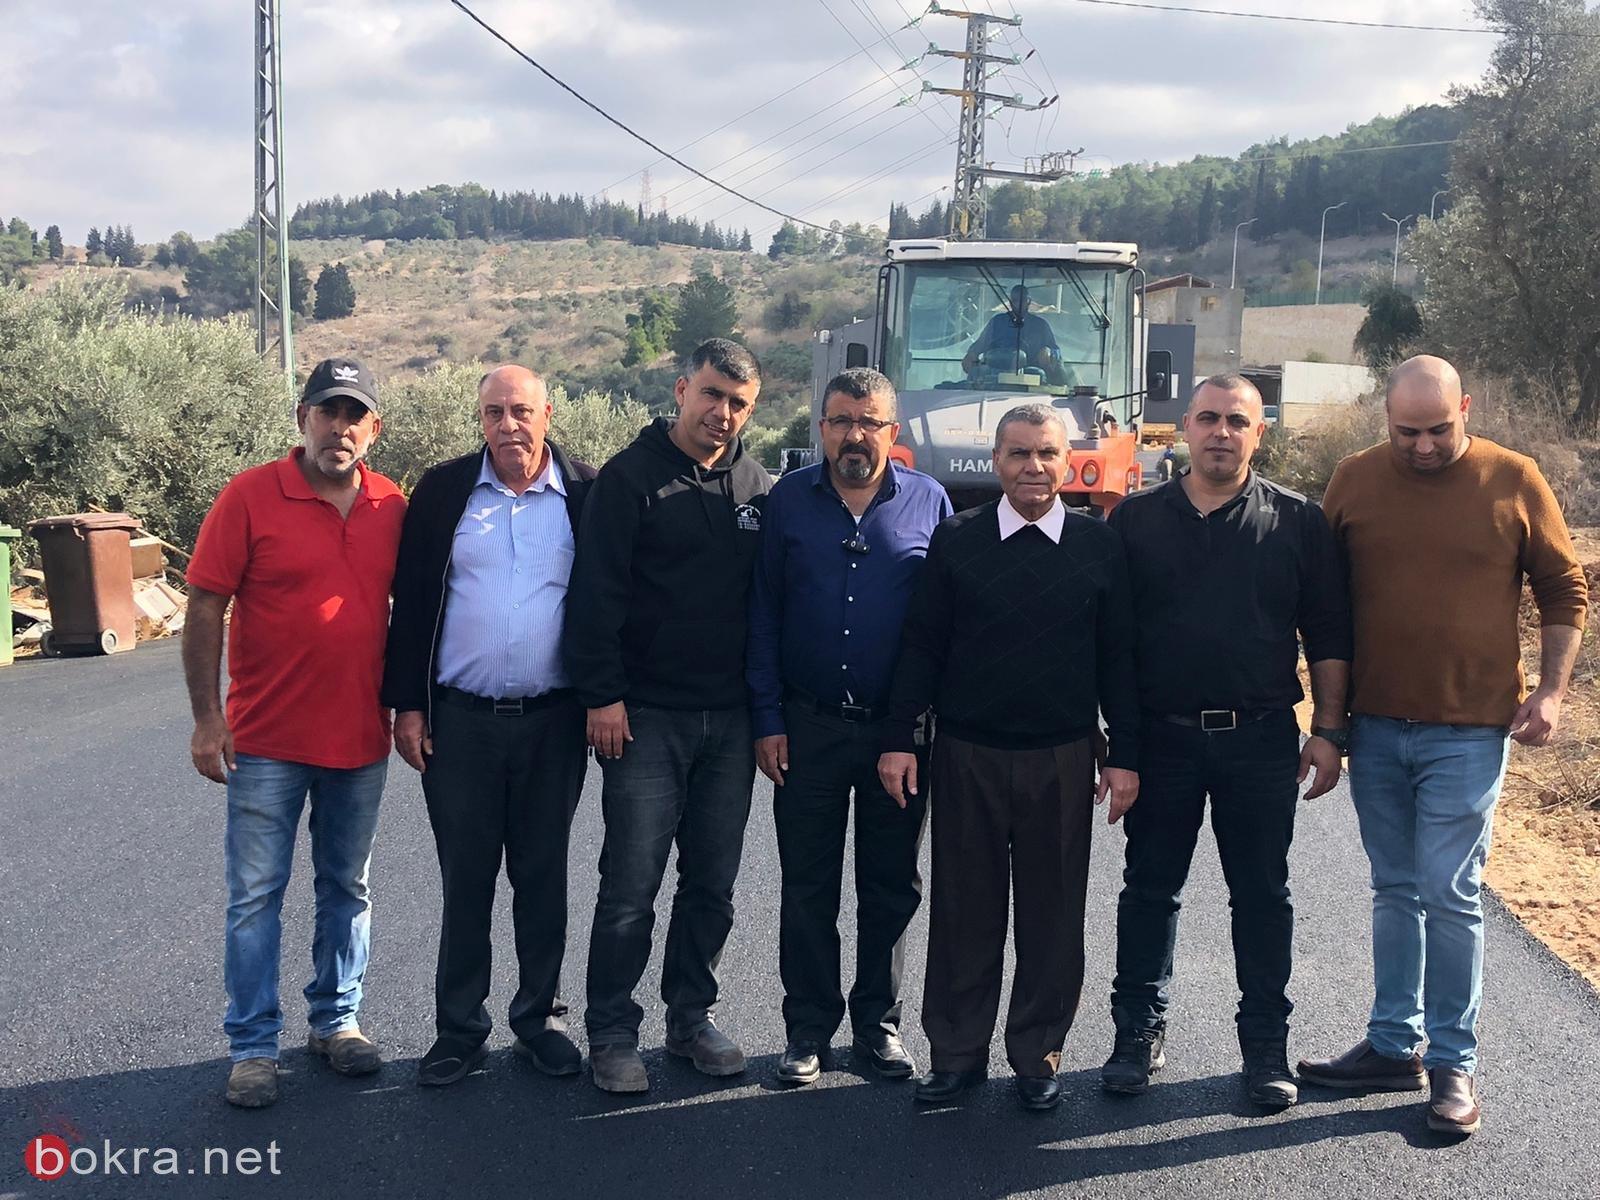 المجلس الأقليمي بستان المرج يقوم بأعمال ترميم وتطوير في قرية الدحي -5